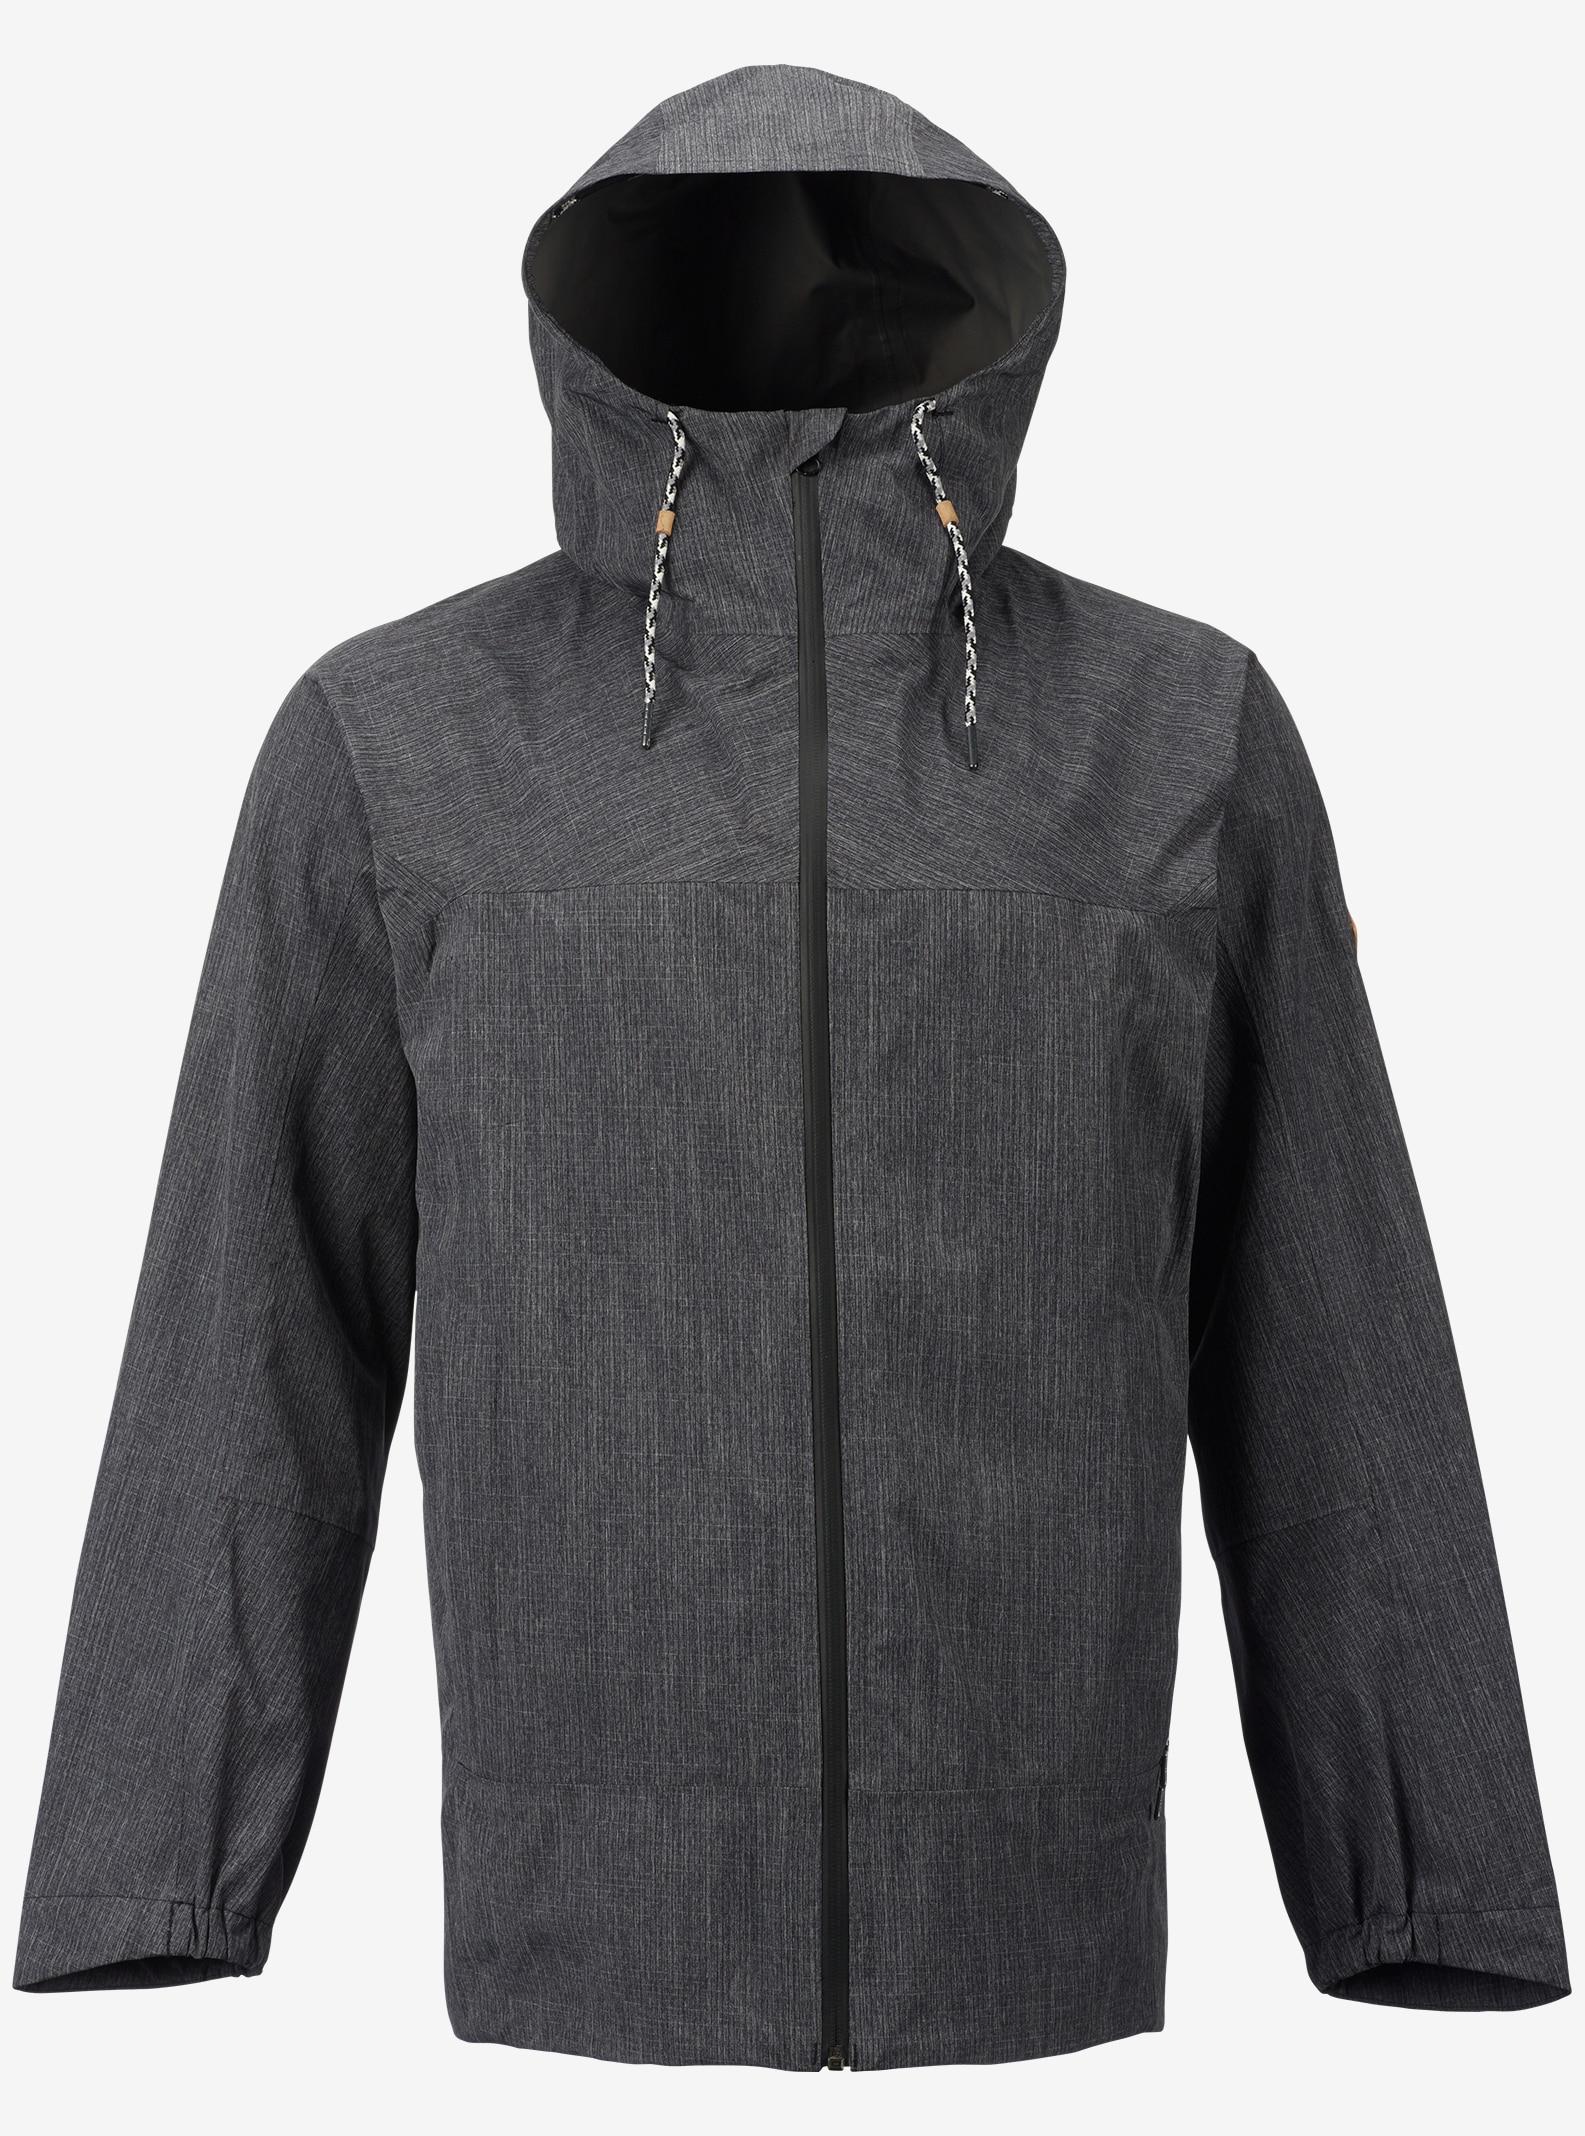 Burton GORE-TEX® 2L Packrite Rain Jacket shown in True Black Heather